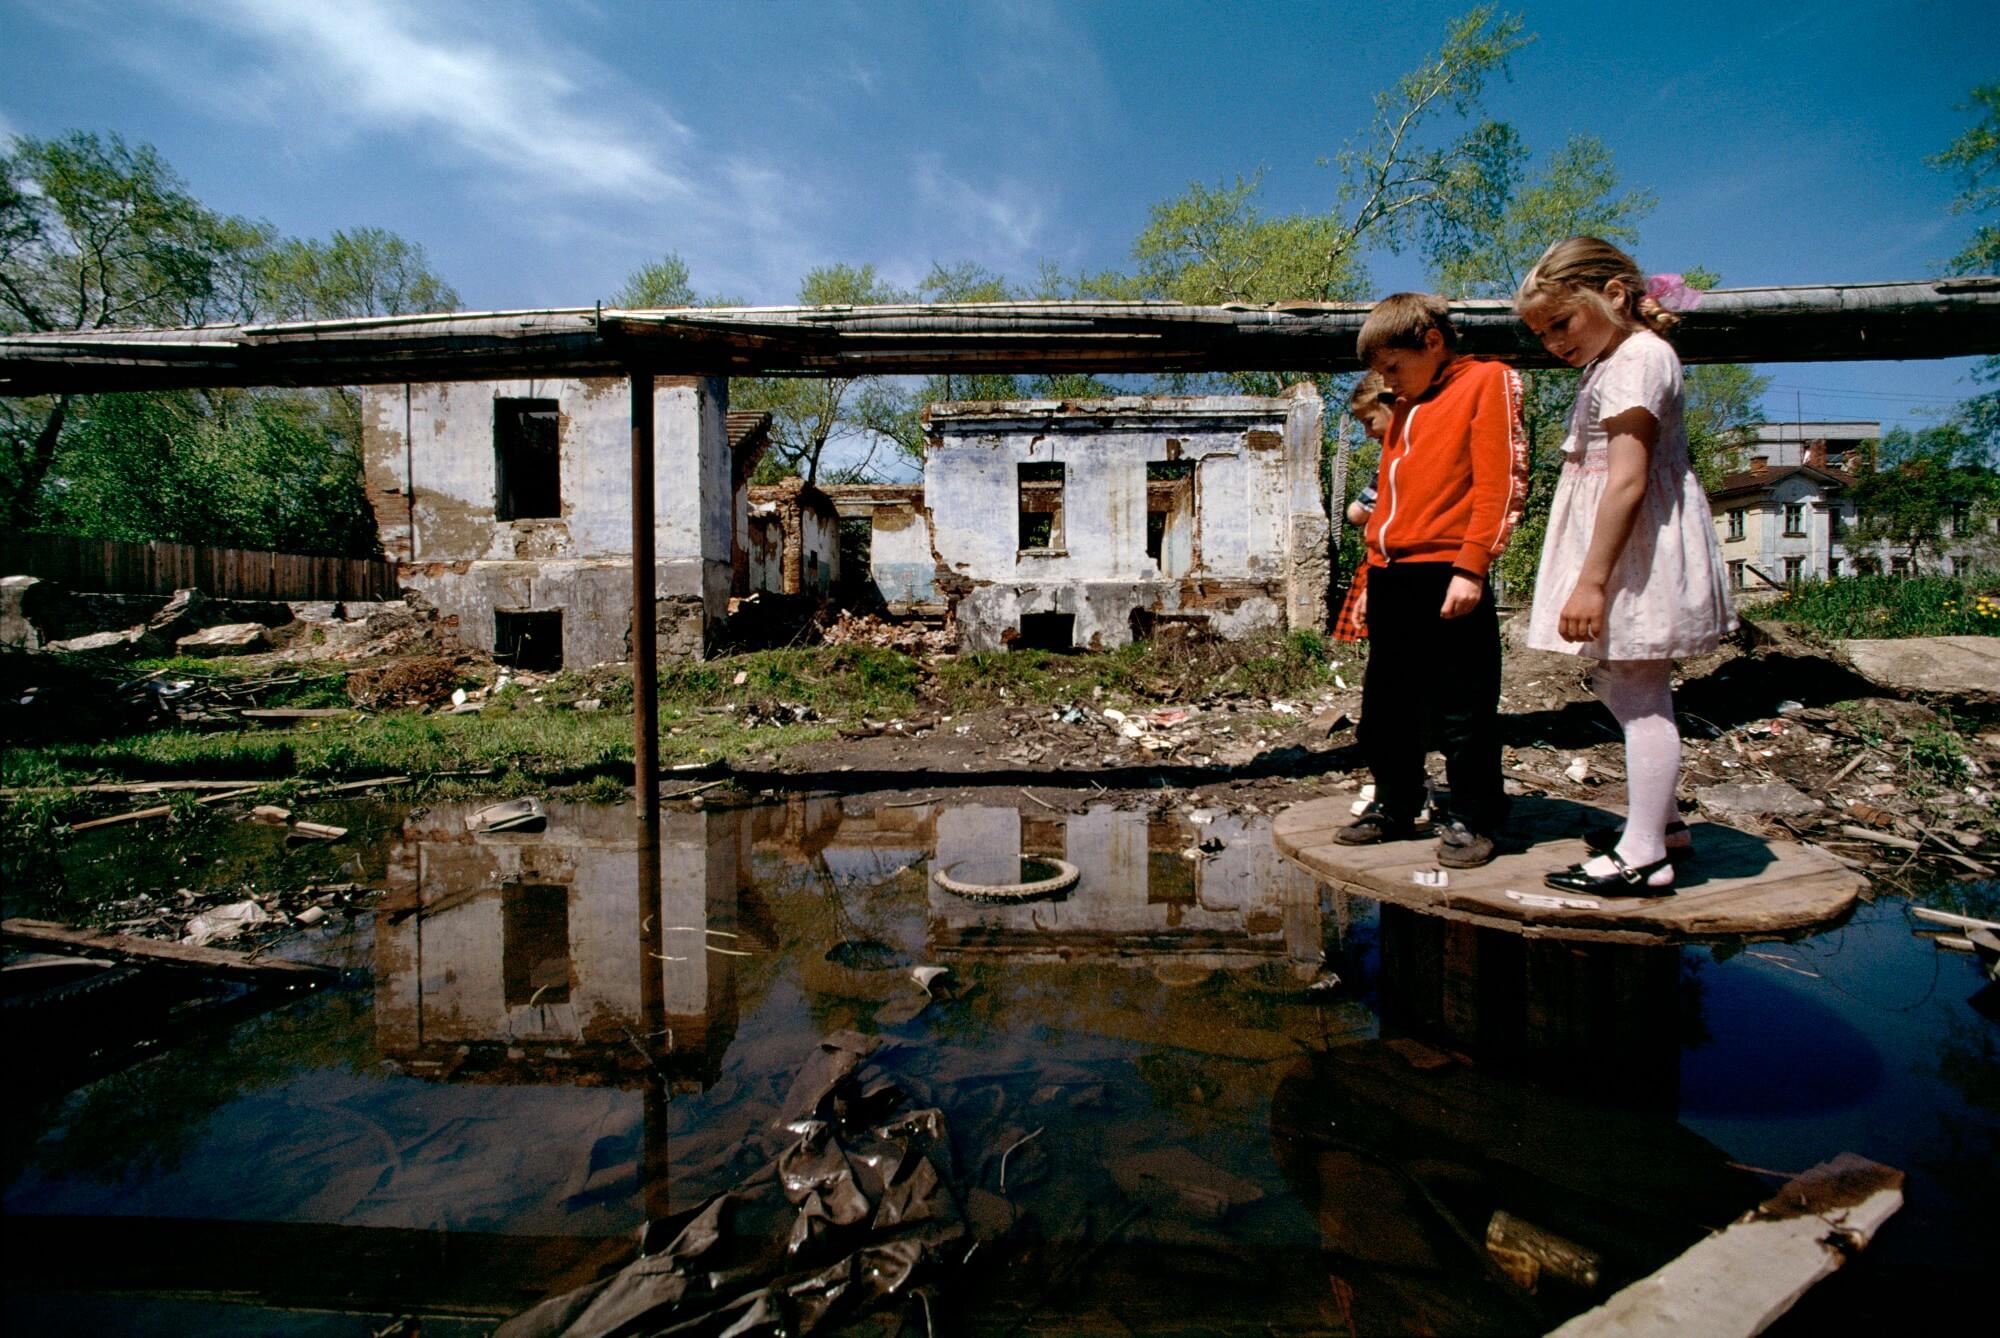 Fédération russe, Nikolayevsk, 1999. - © Reza